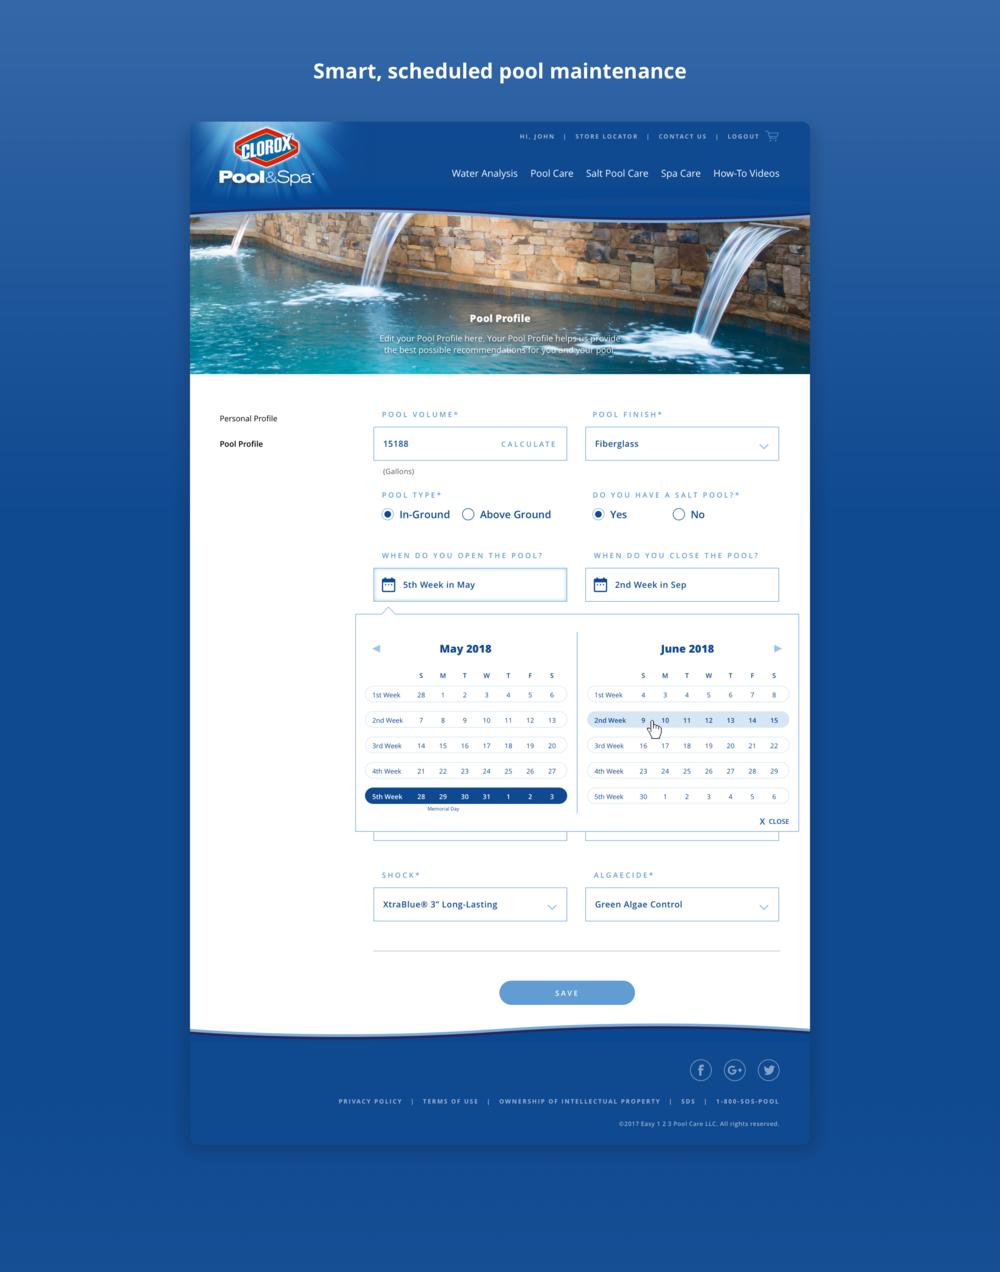 clorox_web calendar.png